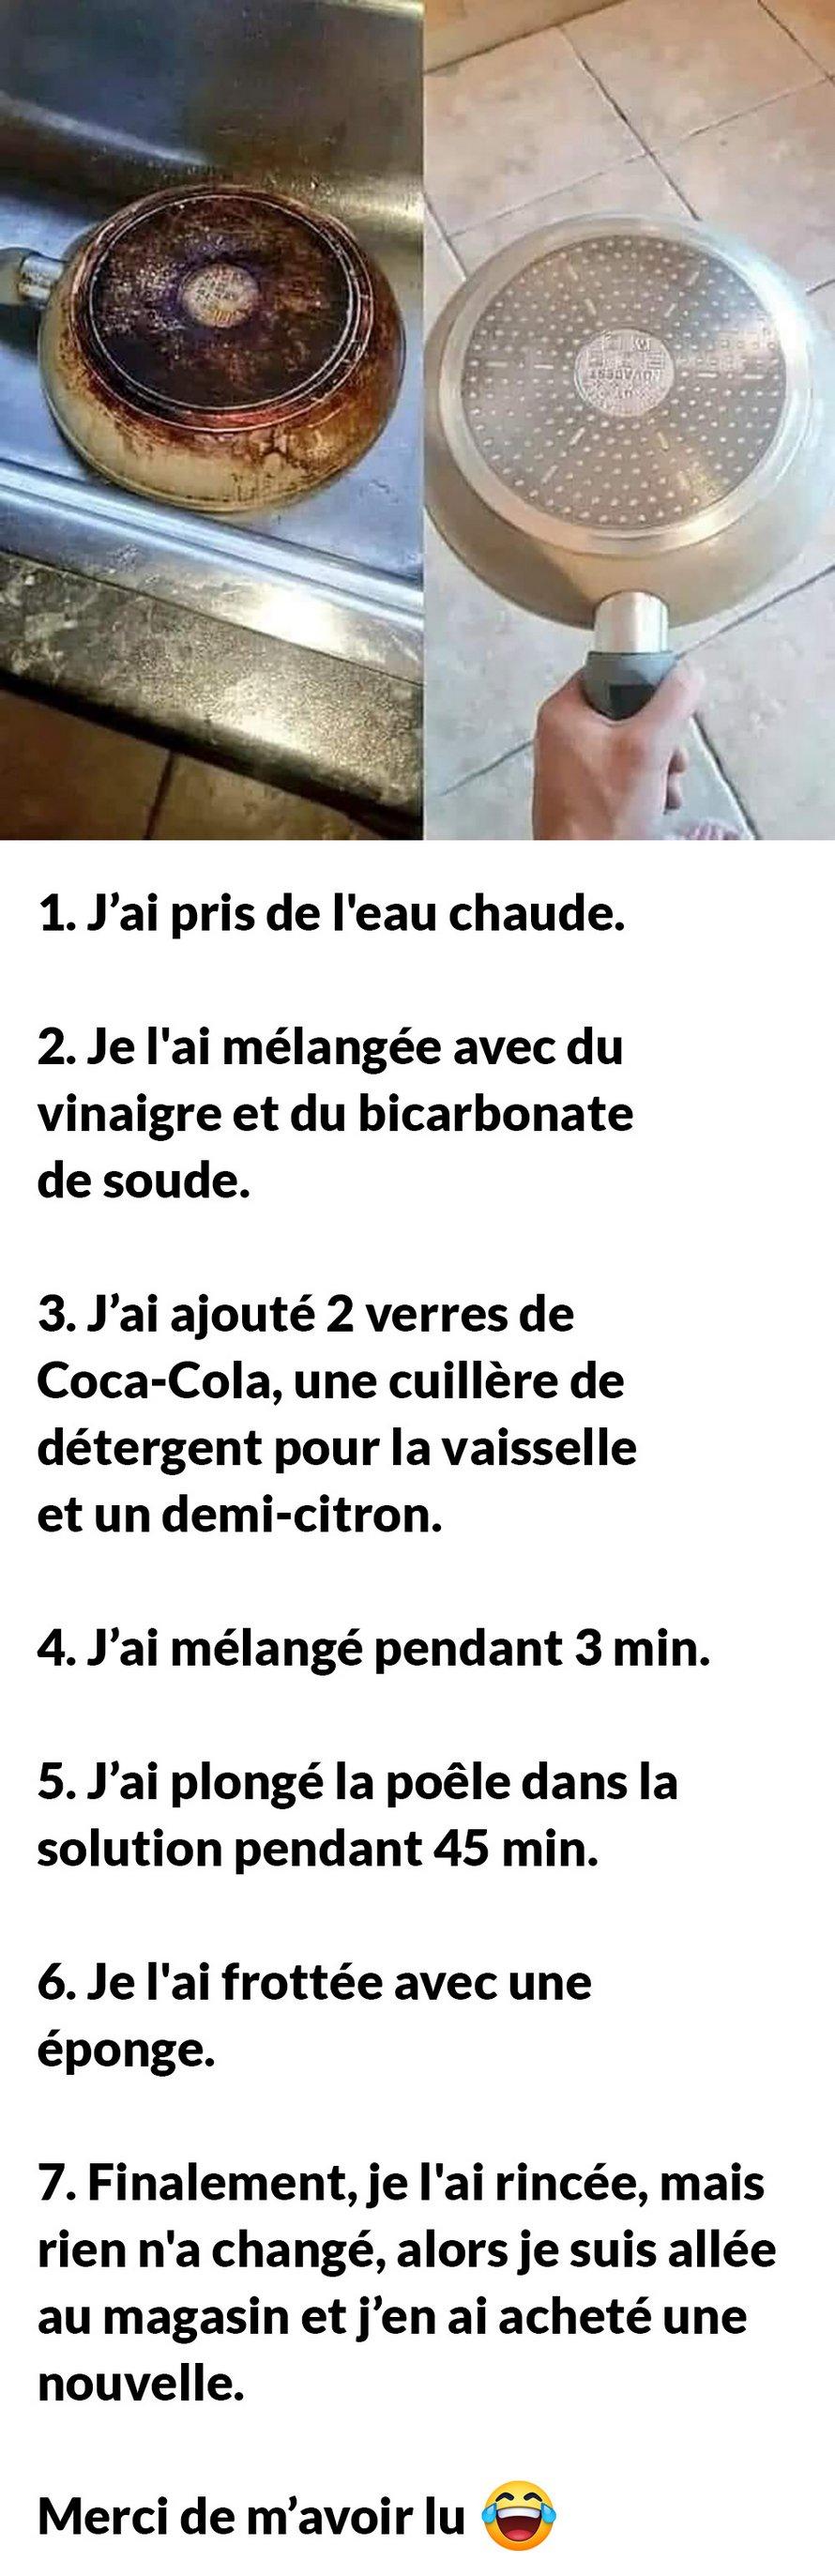 Voici les 7 étapes que j'ai suivies pour obtenir une poêle neuve